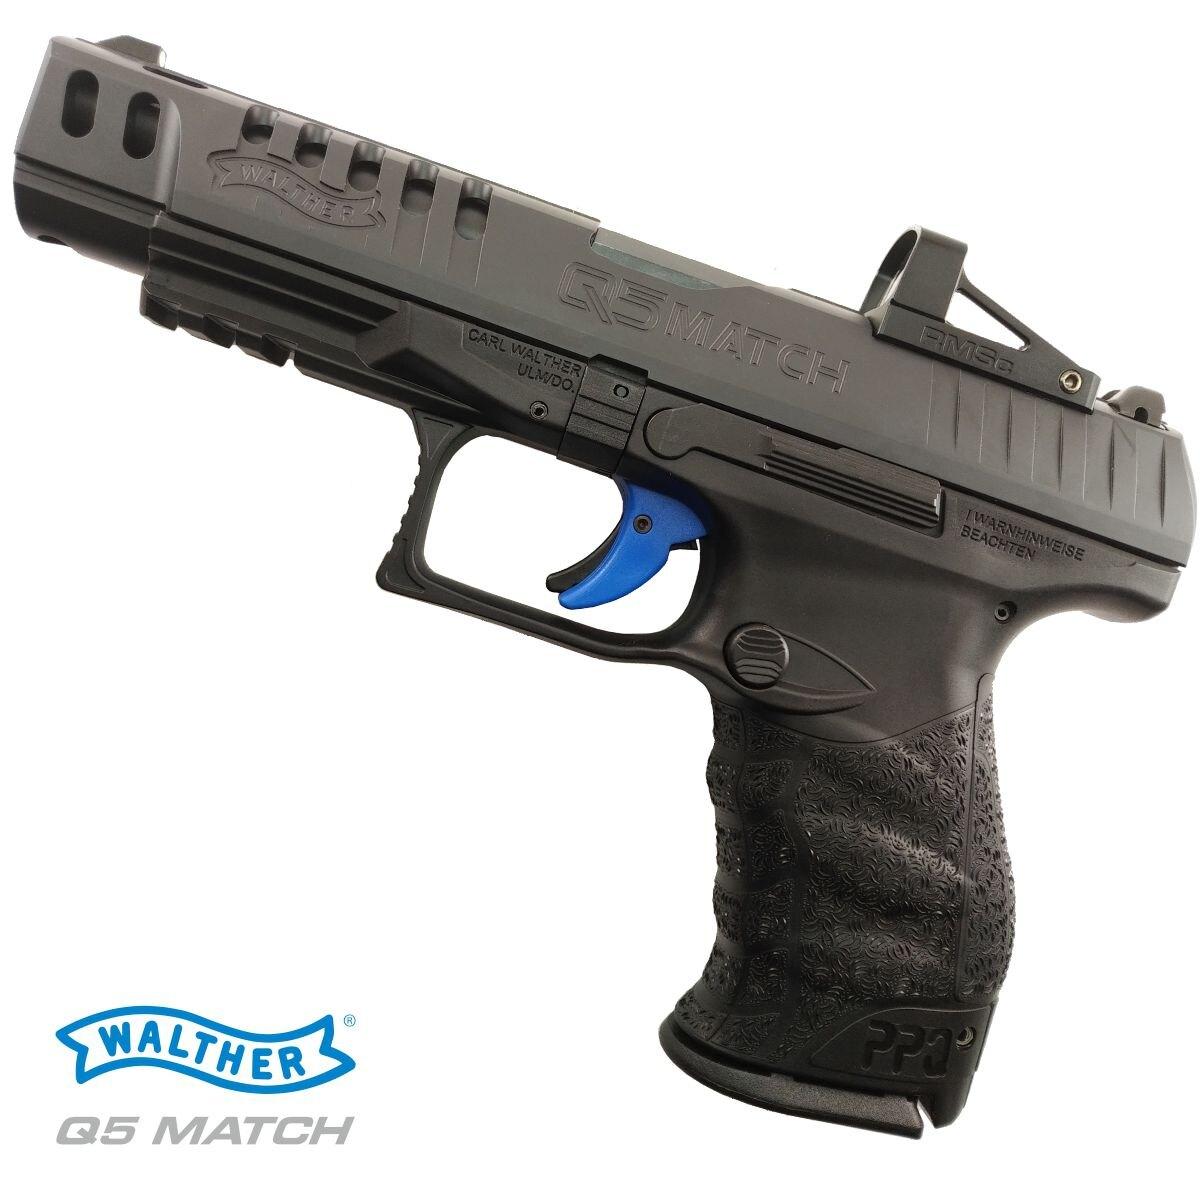 Pištoľ Walther® Q5 Match Combo / kalibru 9x19 – Čierna (Farba: Čierna)